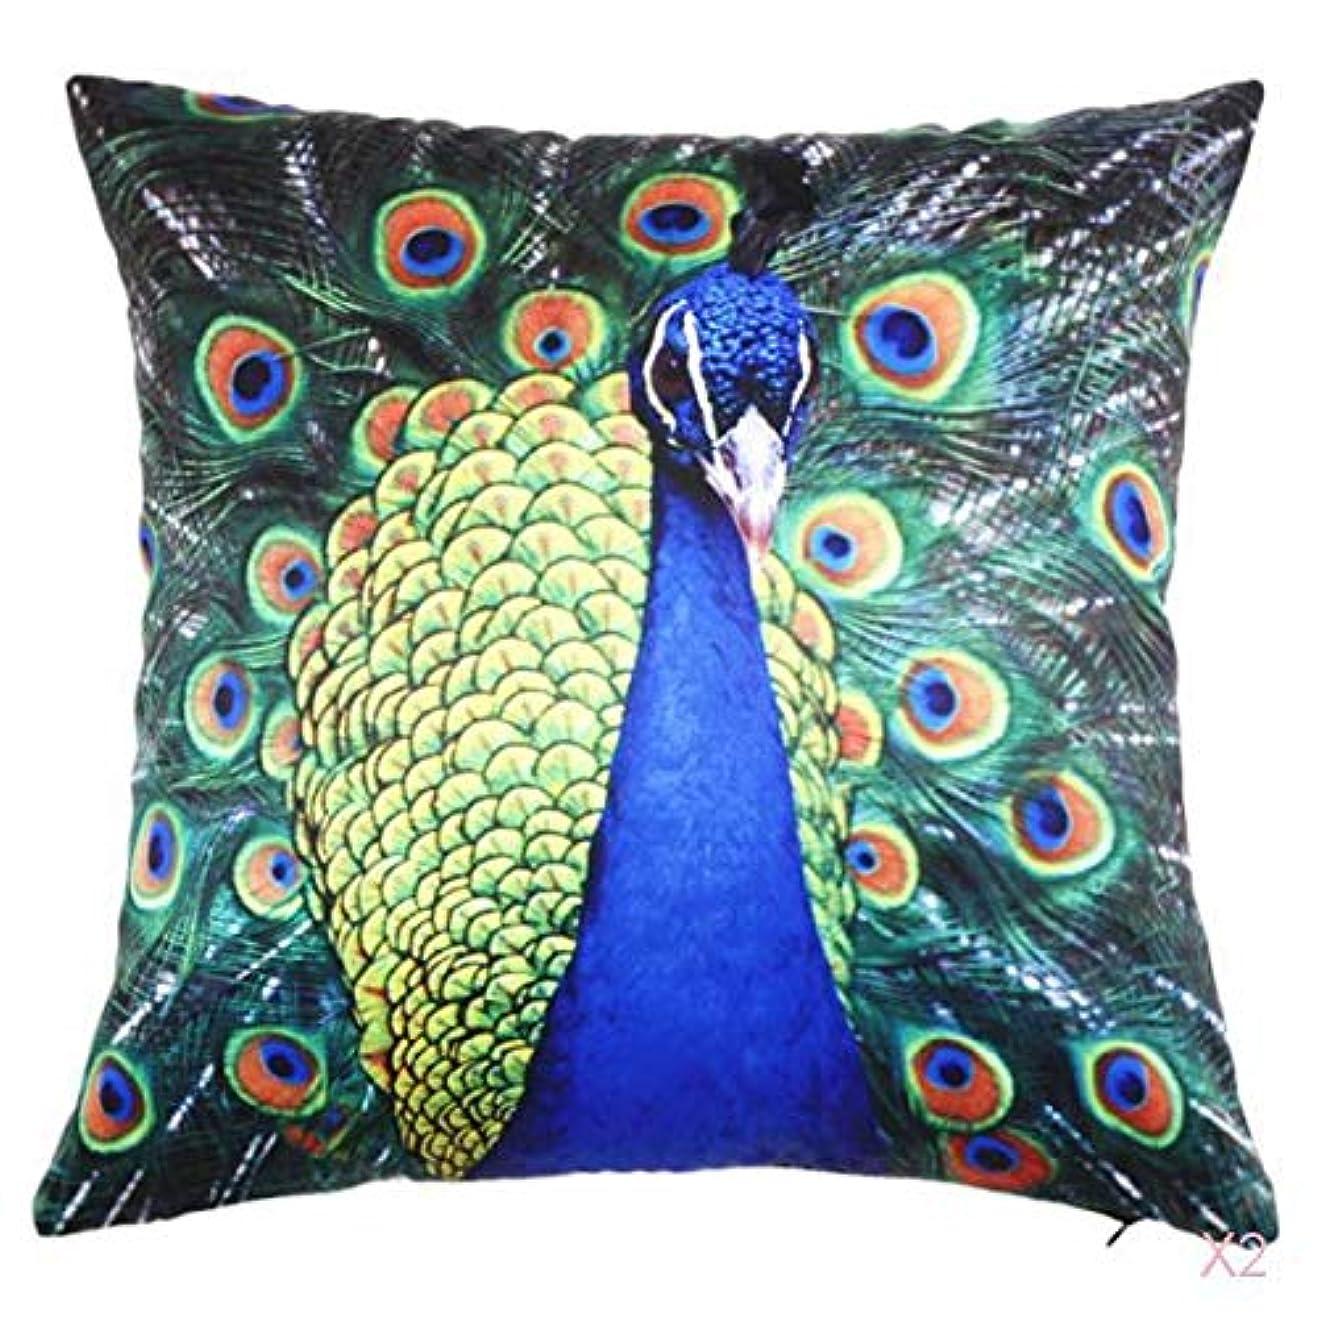 仮装ペチュランス八百屋さん45センチメートル家の装飾スロー枕カバークッションカバーヴィンテージ孔雀のパターン03